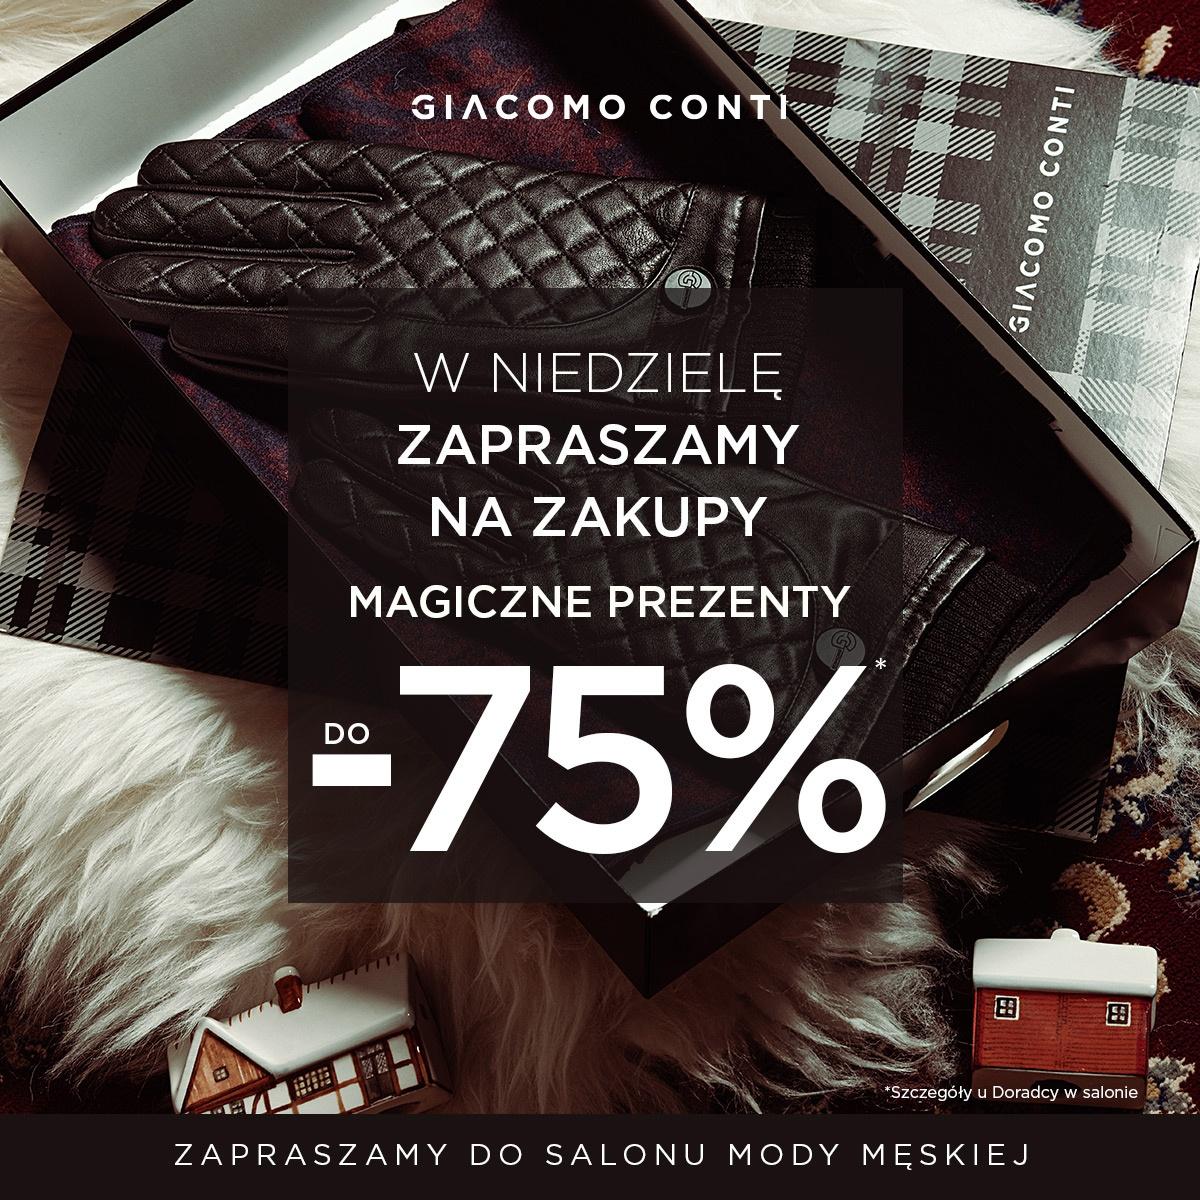 Magiczne prezenty do -75% taniej!